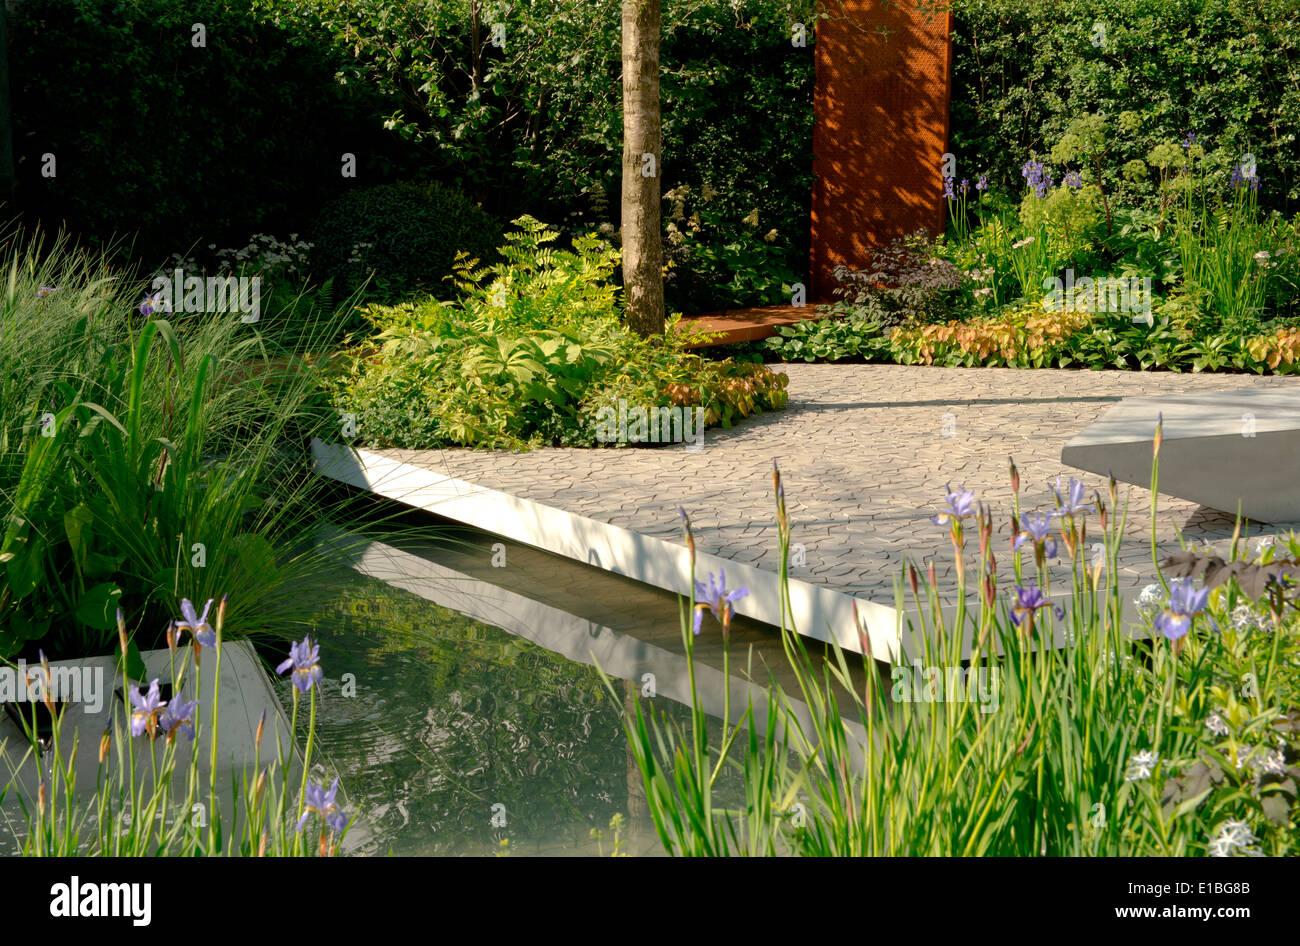 Die RBC Wasserlandschaft Garten ein Goldmedaillen-Gewinner von Hugo Bugg auf der Chelsea Flower Show 2014 entworfen Stockbild